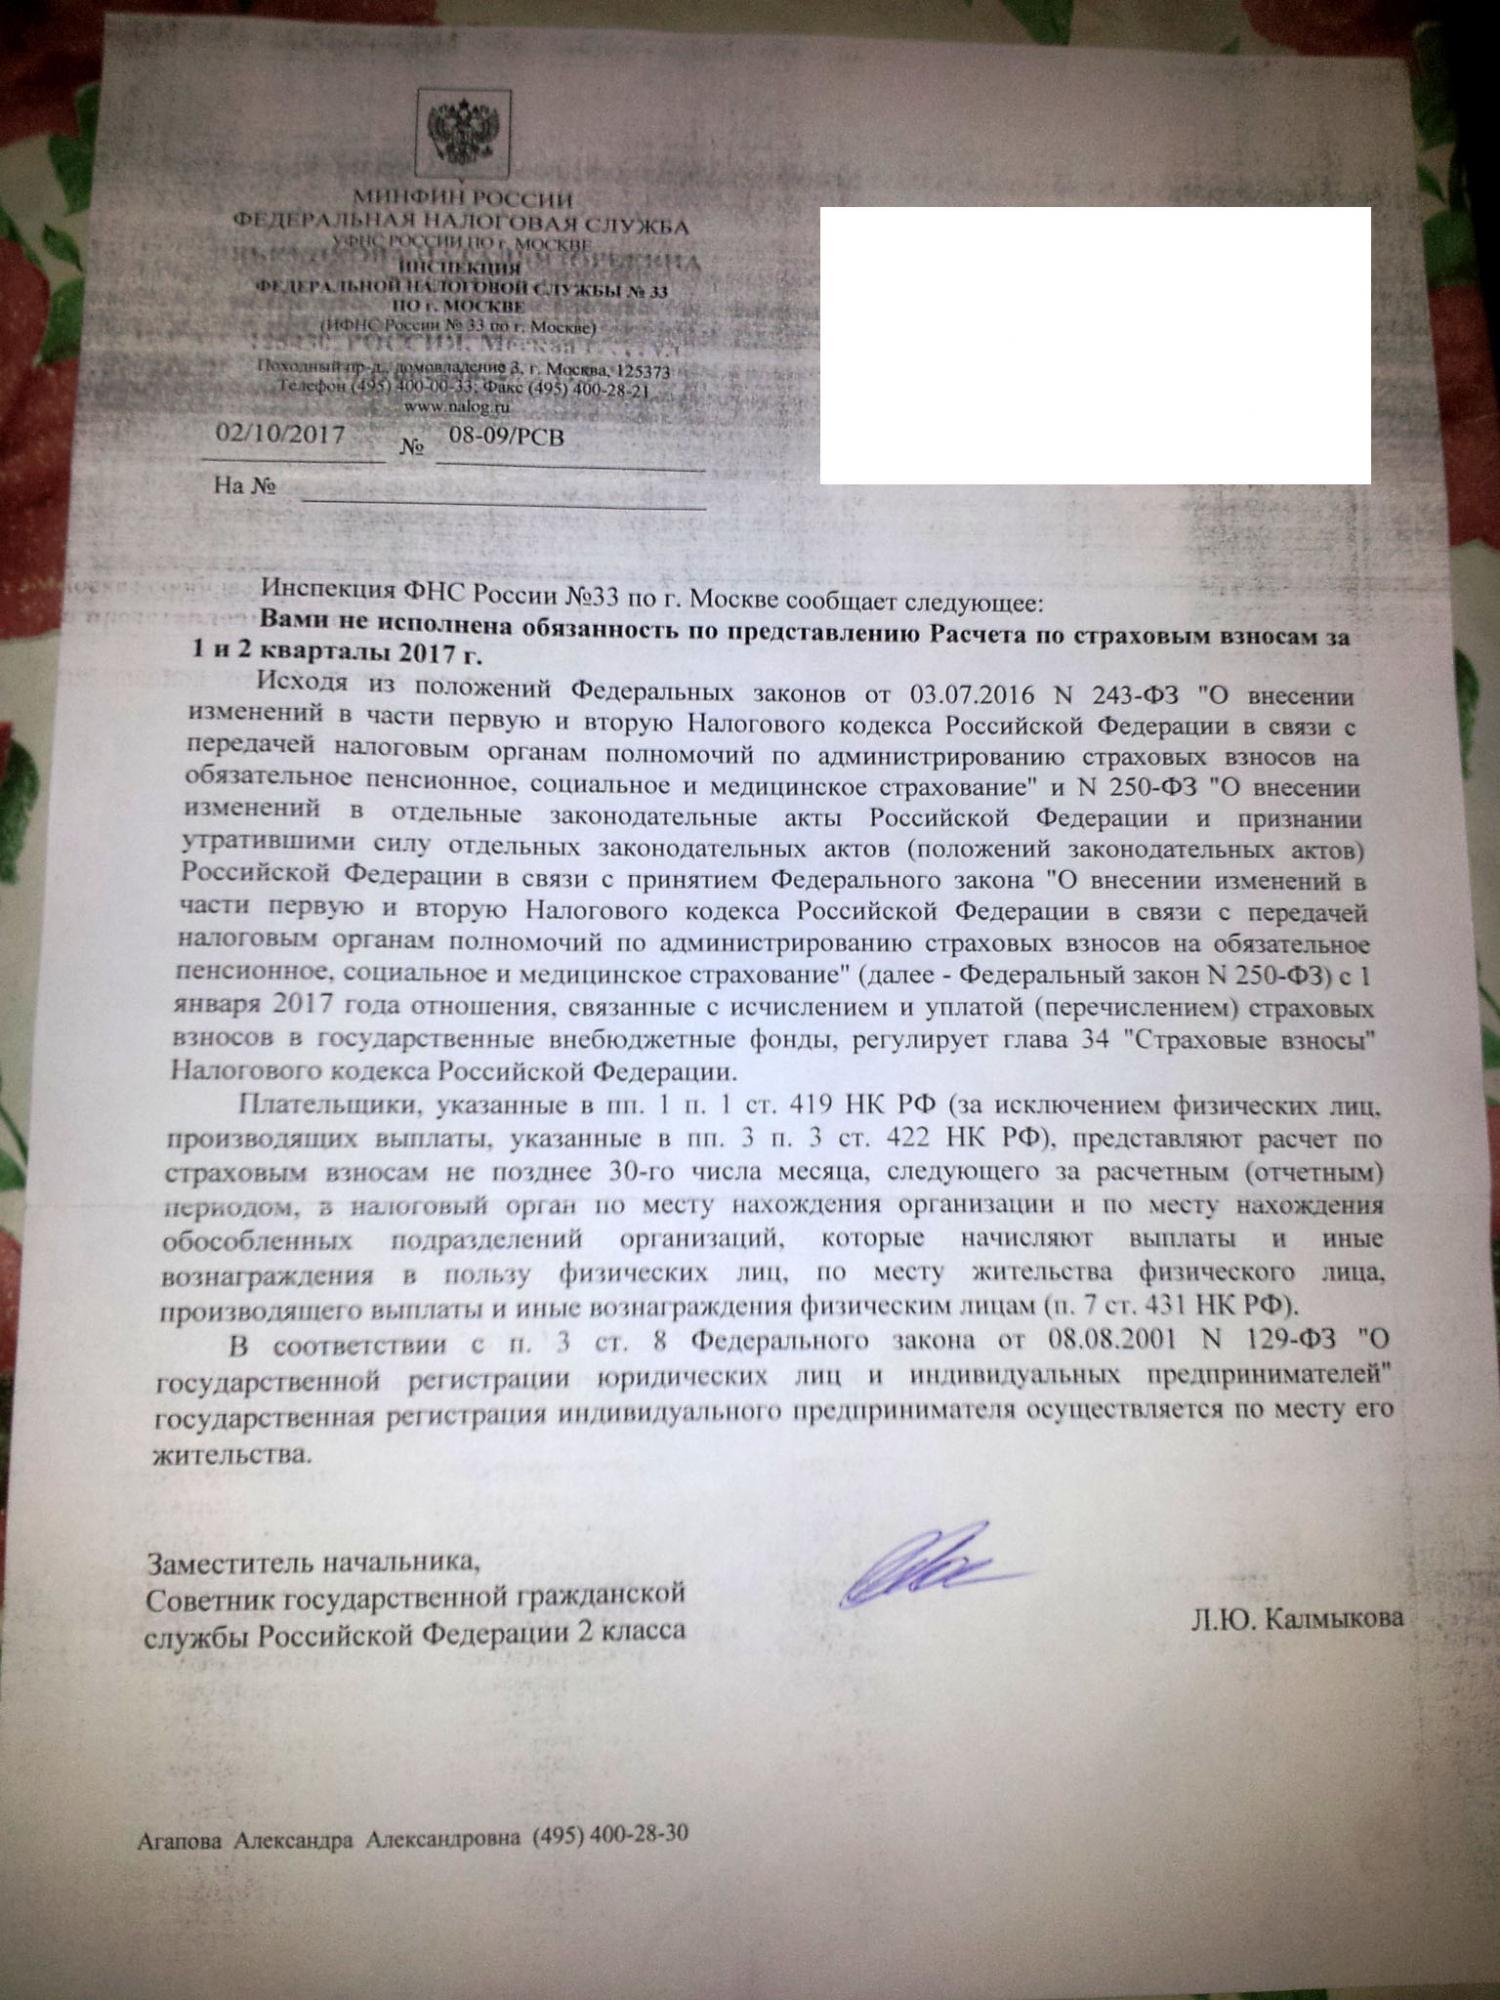 https://forum.klerk.ru/attachment.php?attachmentid=60345&d=1507589438